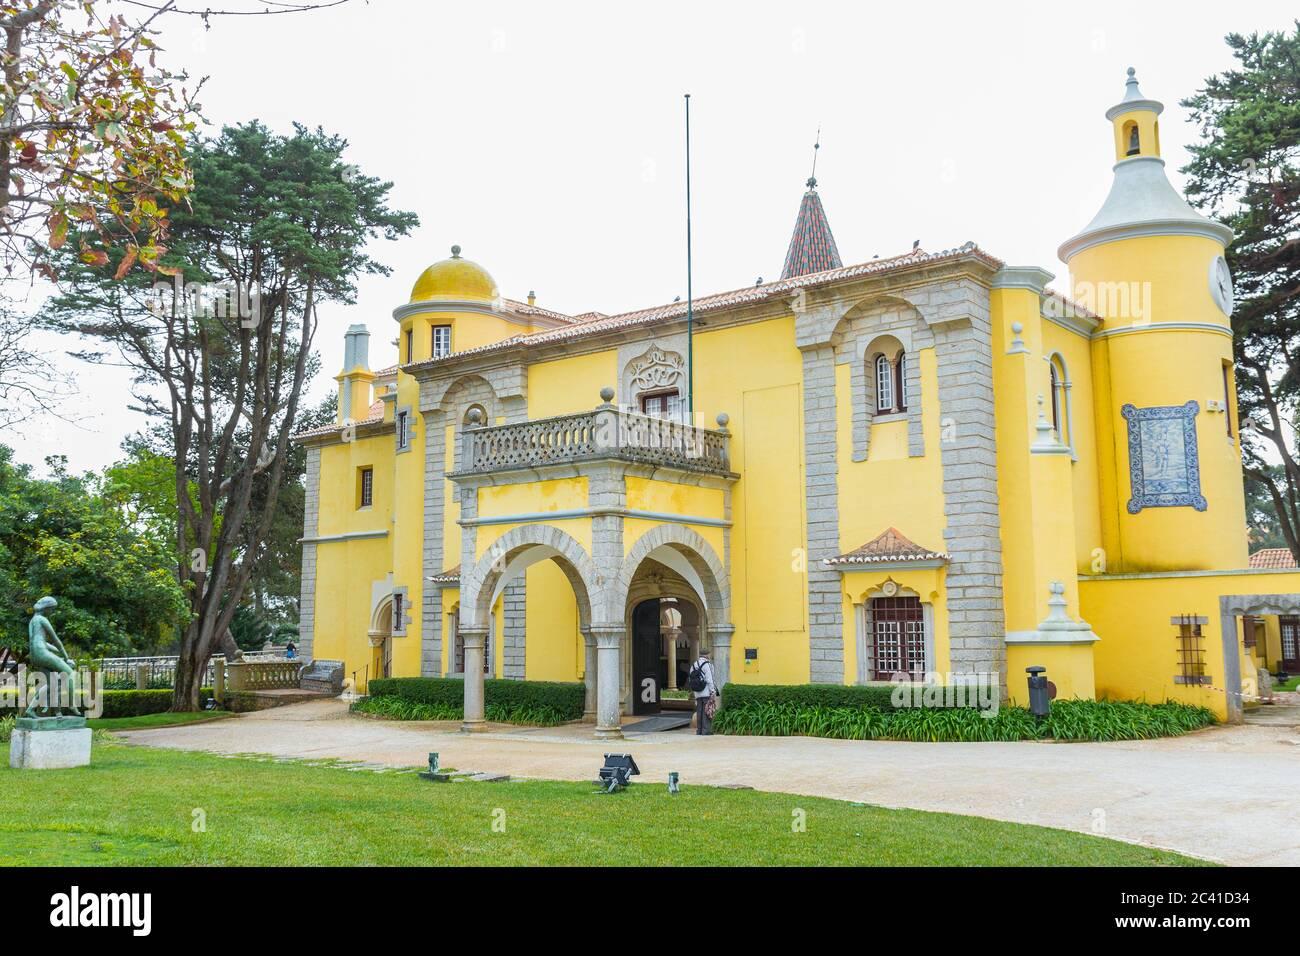 Museo Condes de Castro Guimarães (Torre de S. Sebastião), Cascais, Lisboa, Portugal. Arquitectura : Neomromanticismo & Neogótico Foto de stock